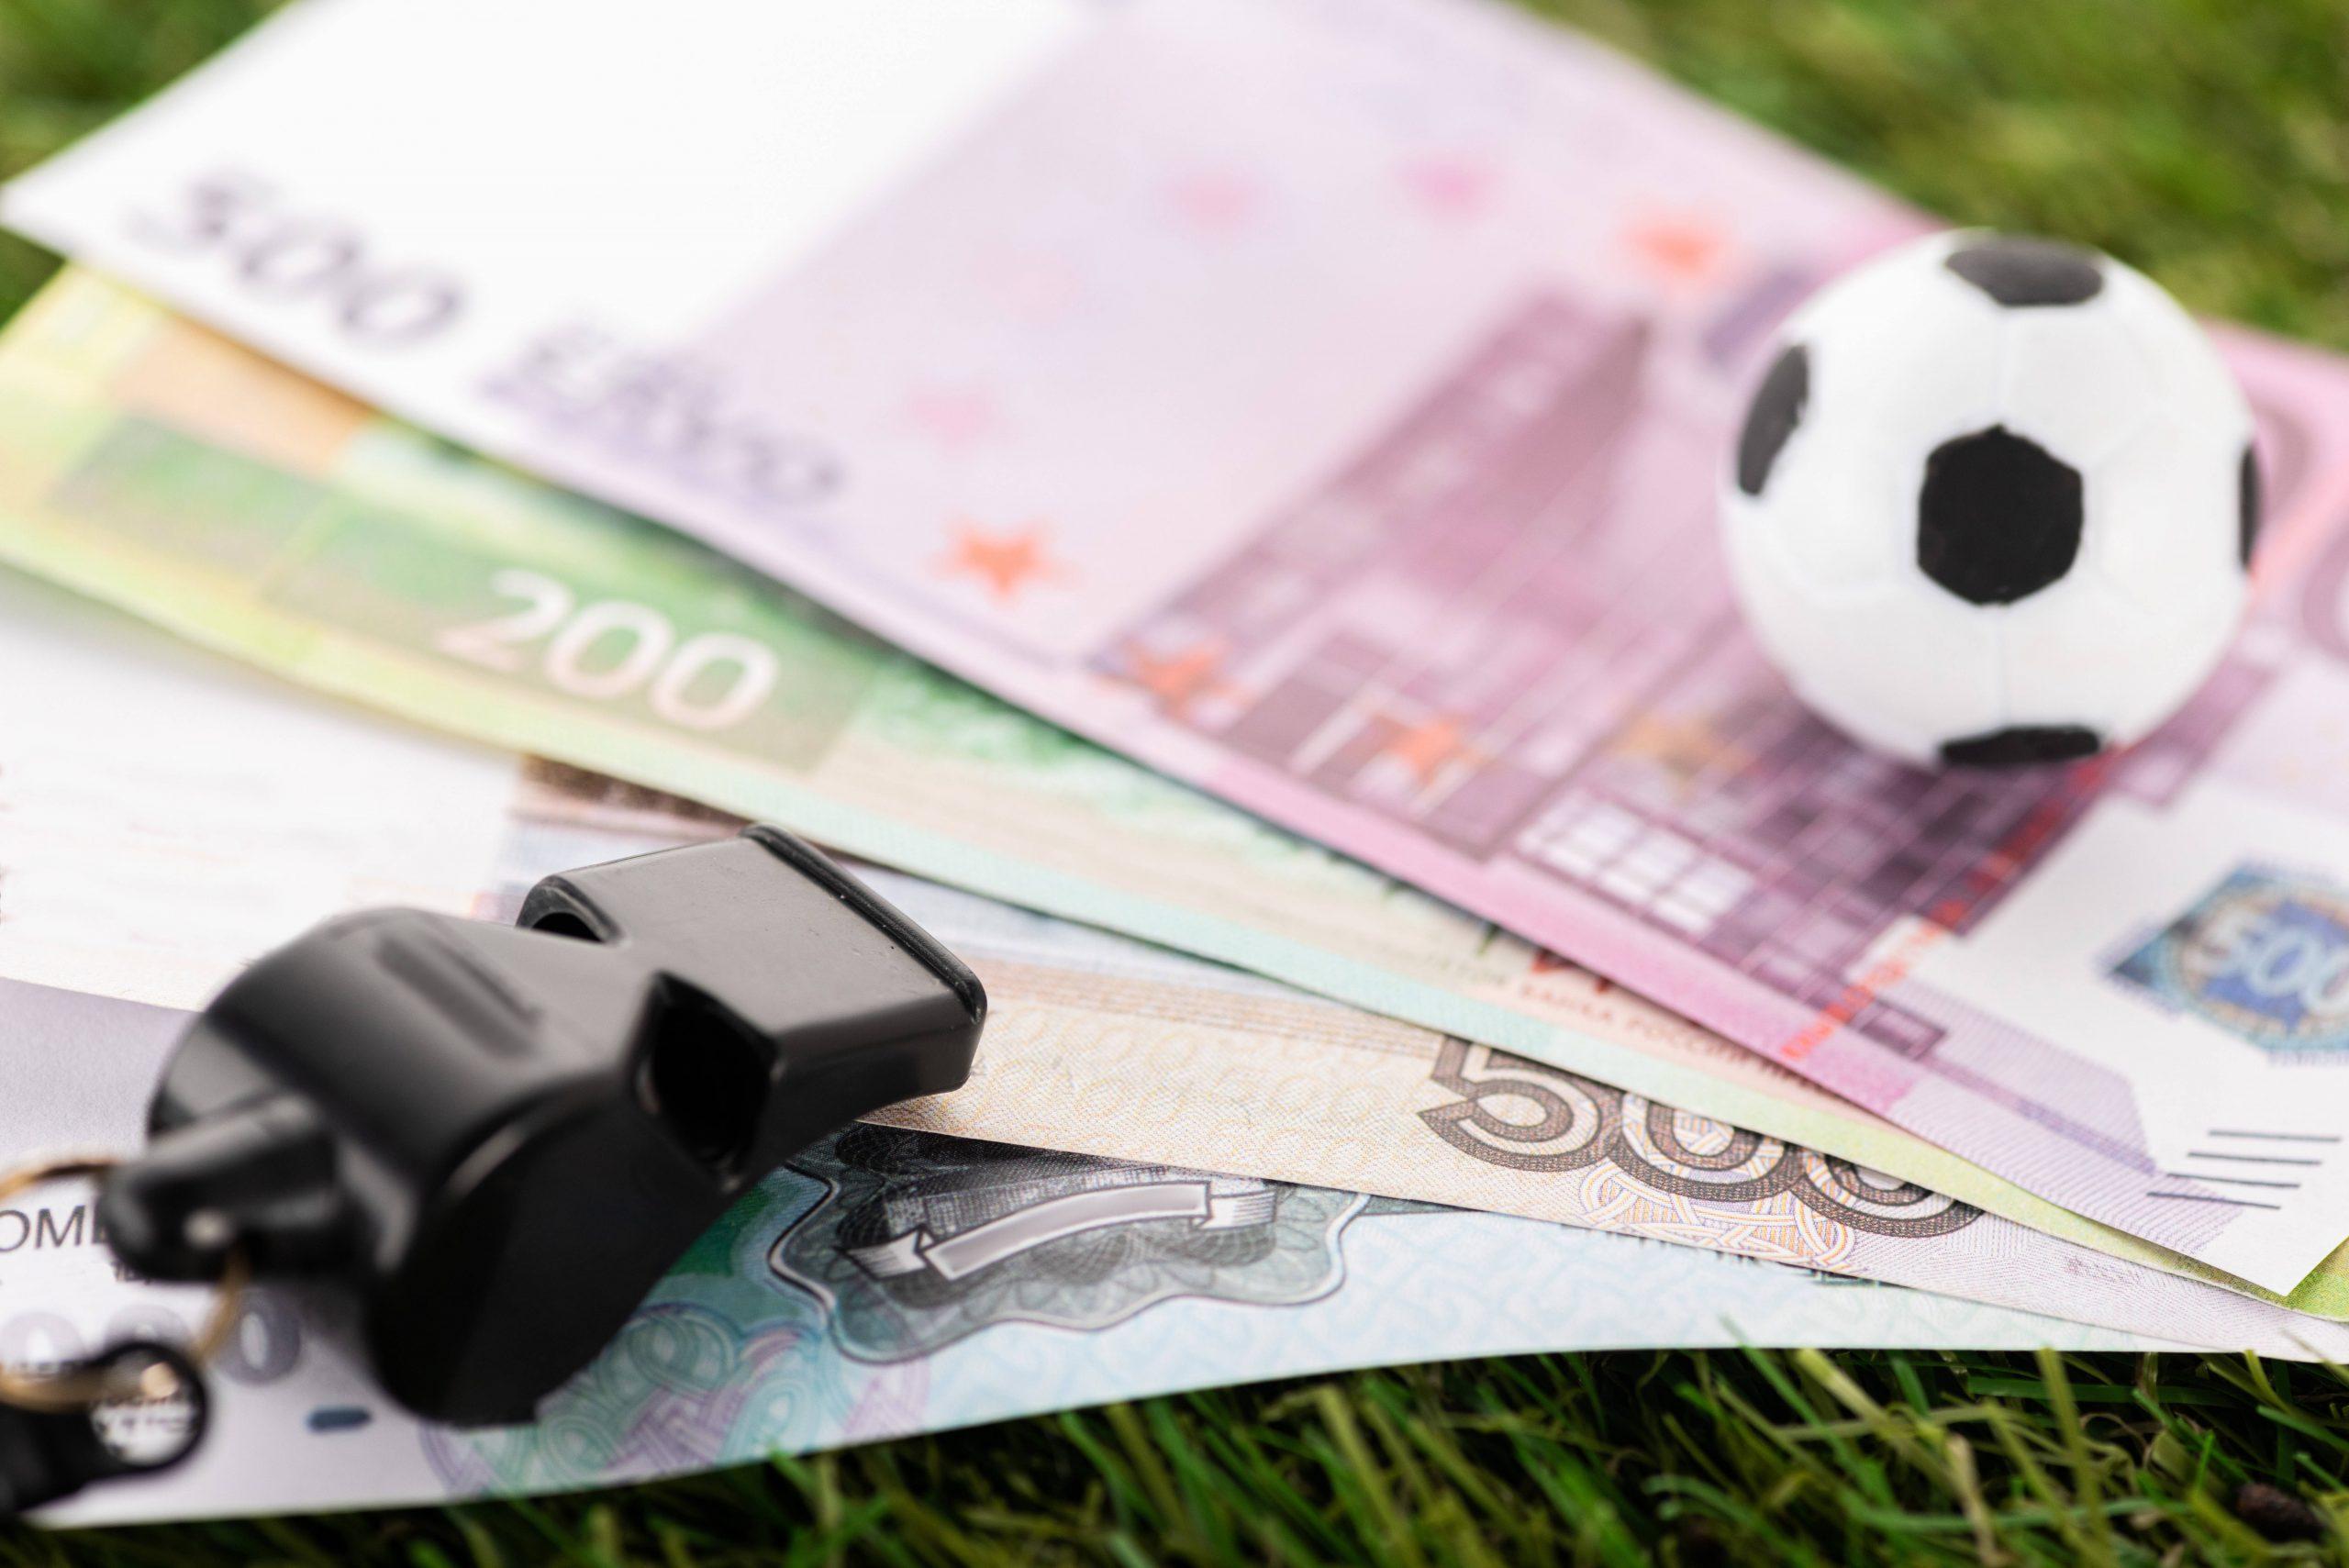 La subida del salario mínimo. Ciudadano medio VS futbolistas